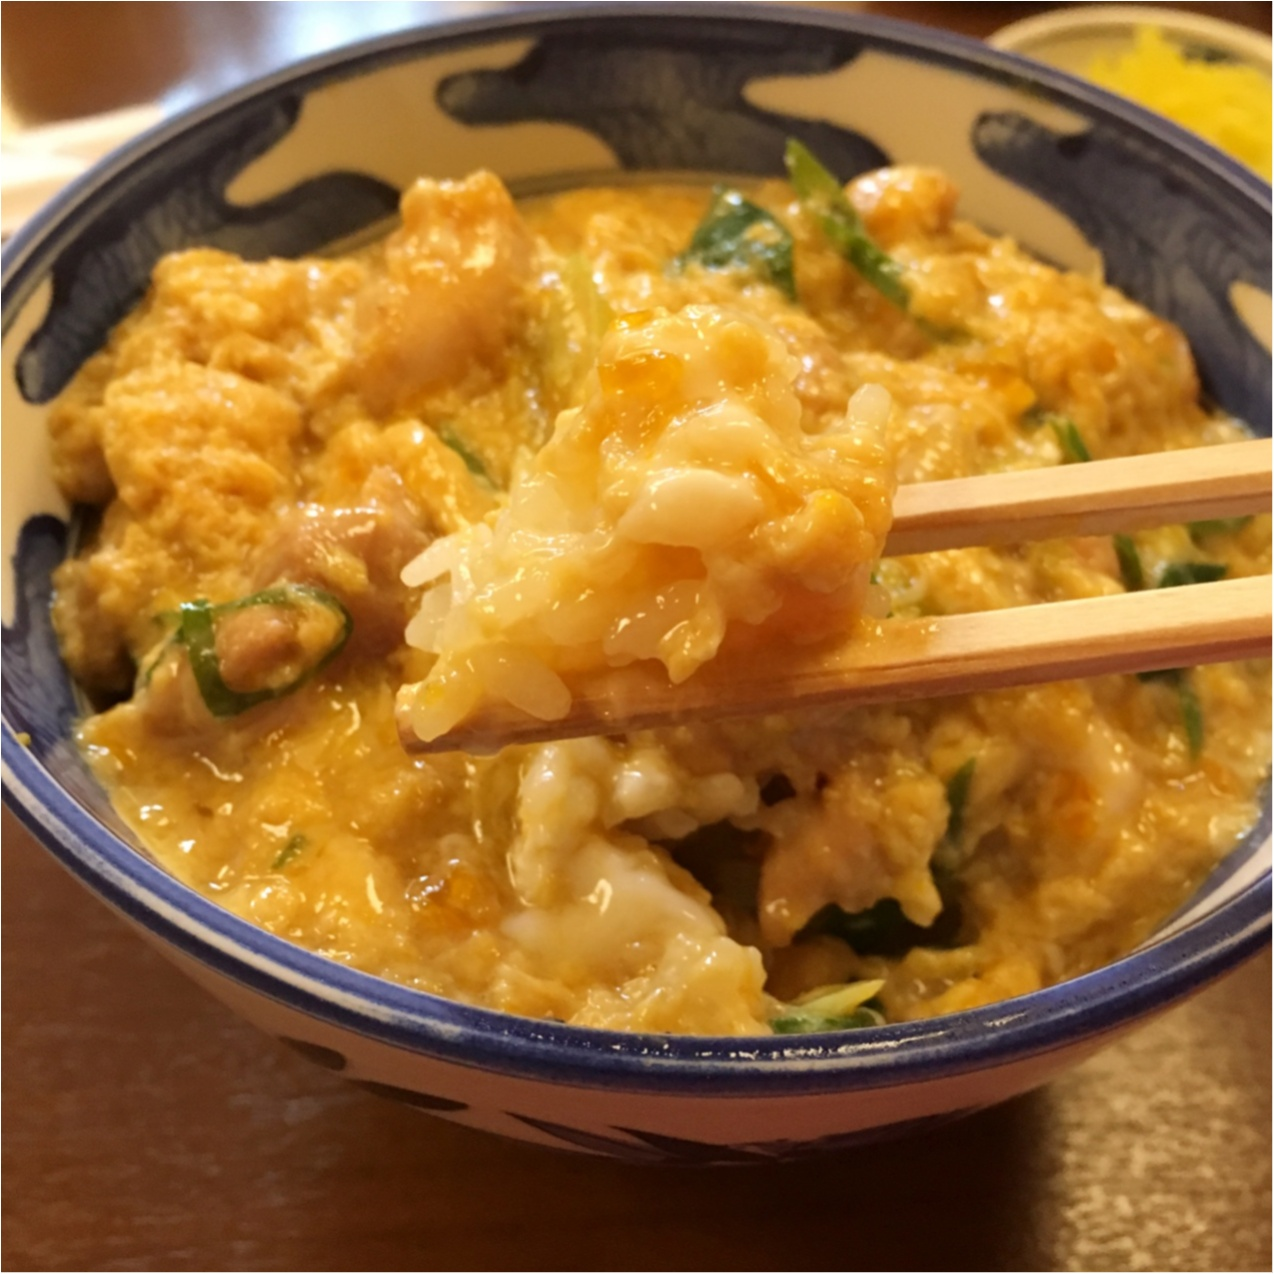 ふわトロっ♡ 絶対に食べたい!京都の老舗《 ひさご 》が作る、人気の親子丼♡♡_4